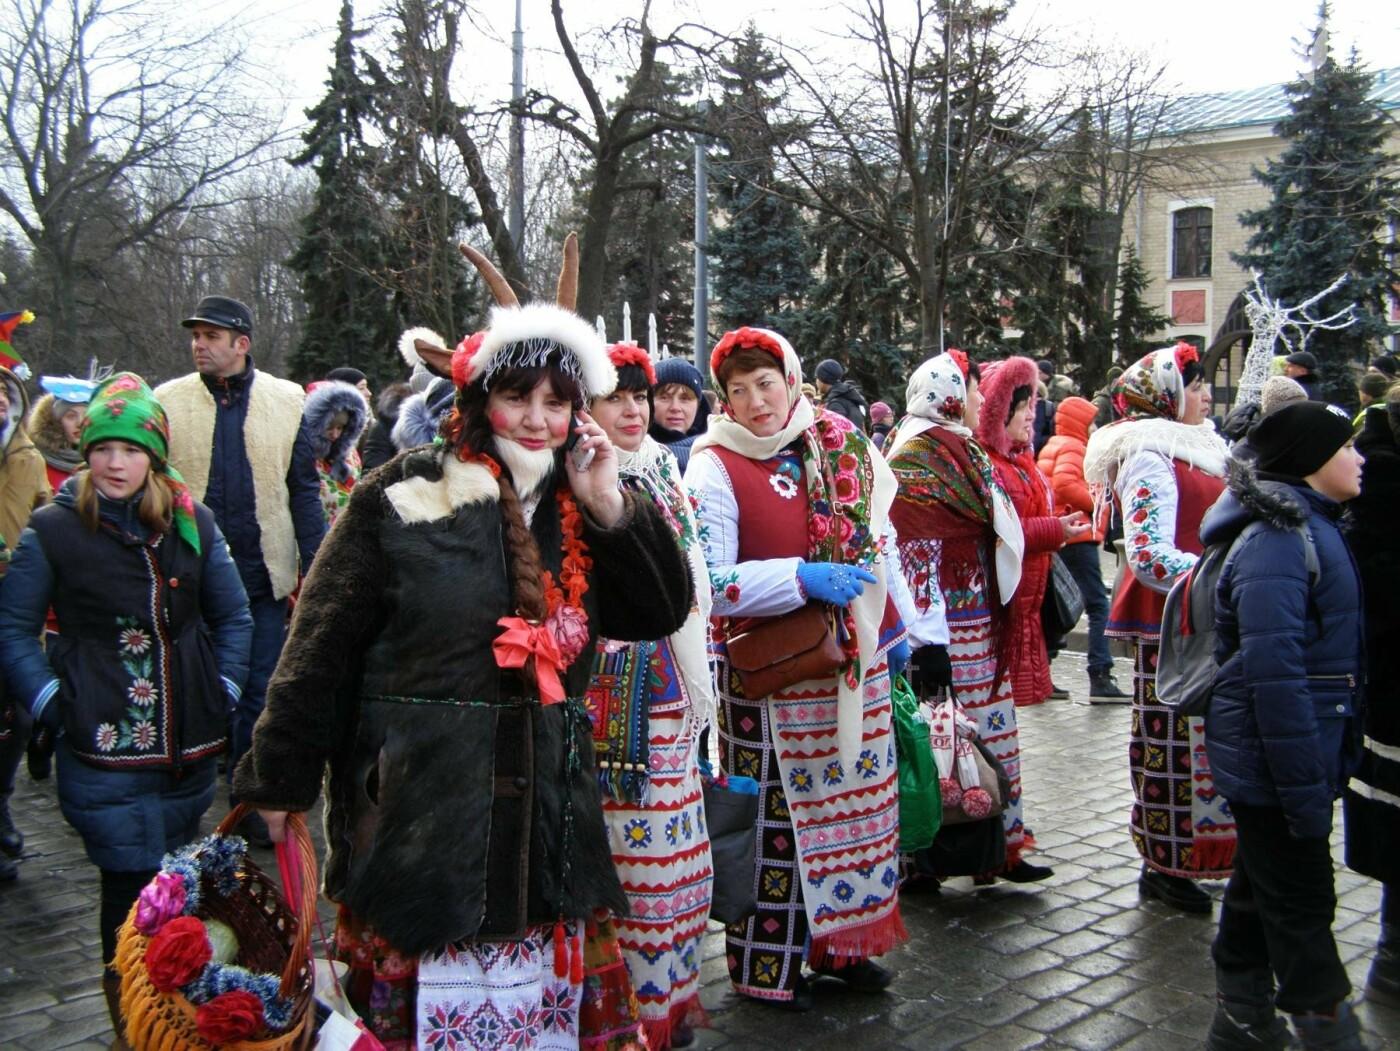 Харьков заполонили ангелы, козы и черти: в городе прошел масштабный фестиваль вертепов (ФОТО), фото-22